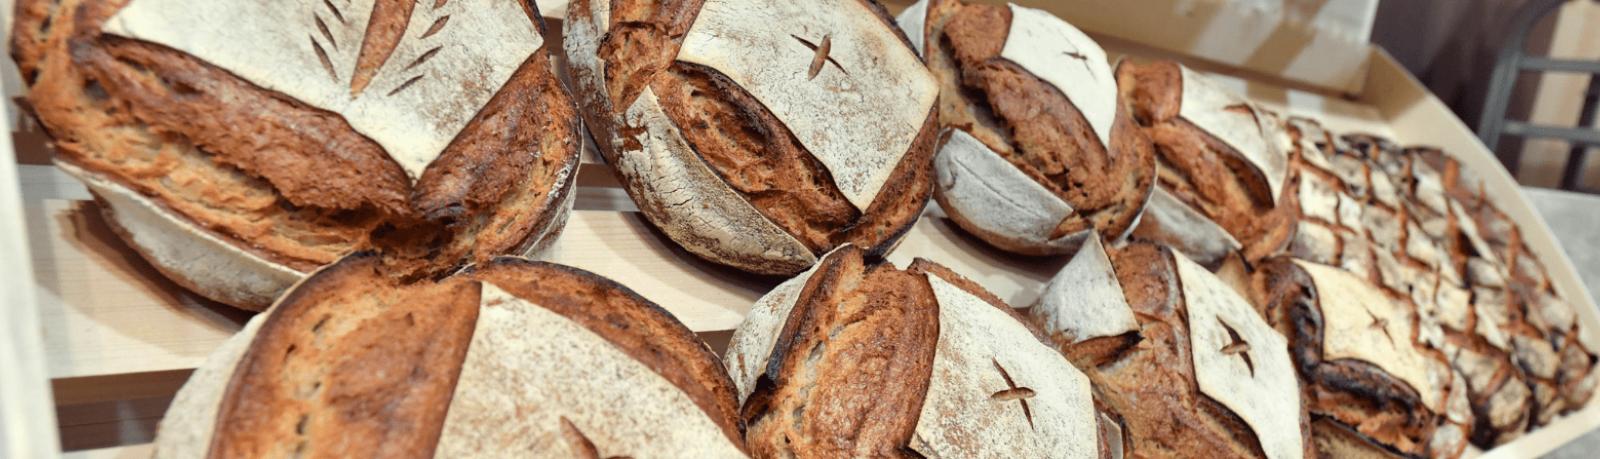 Podcast sur le pain